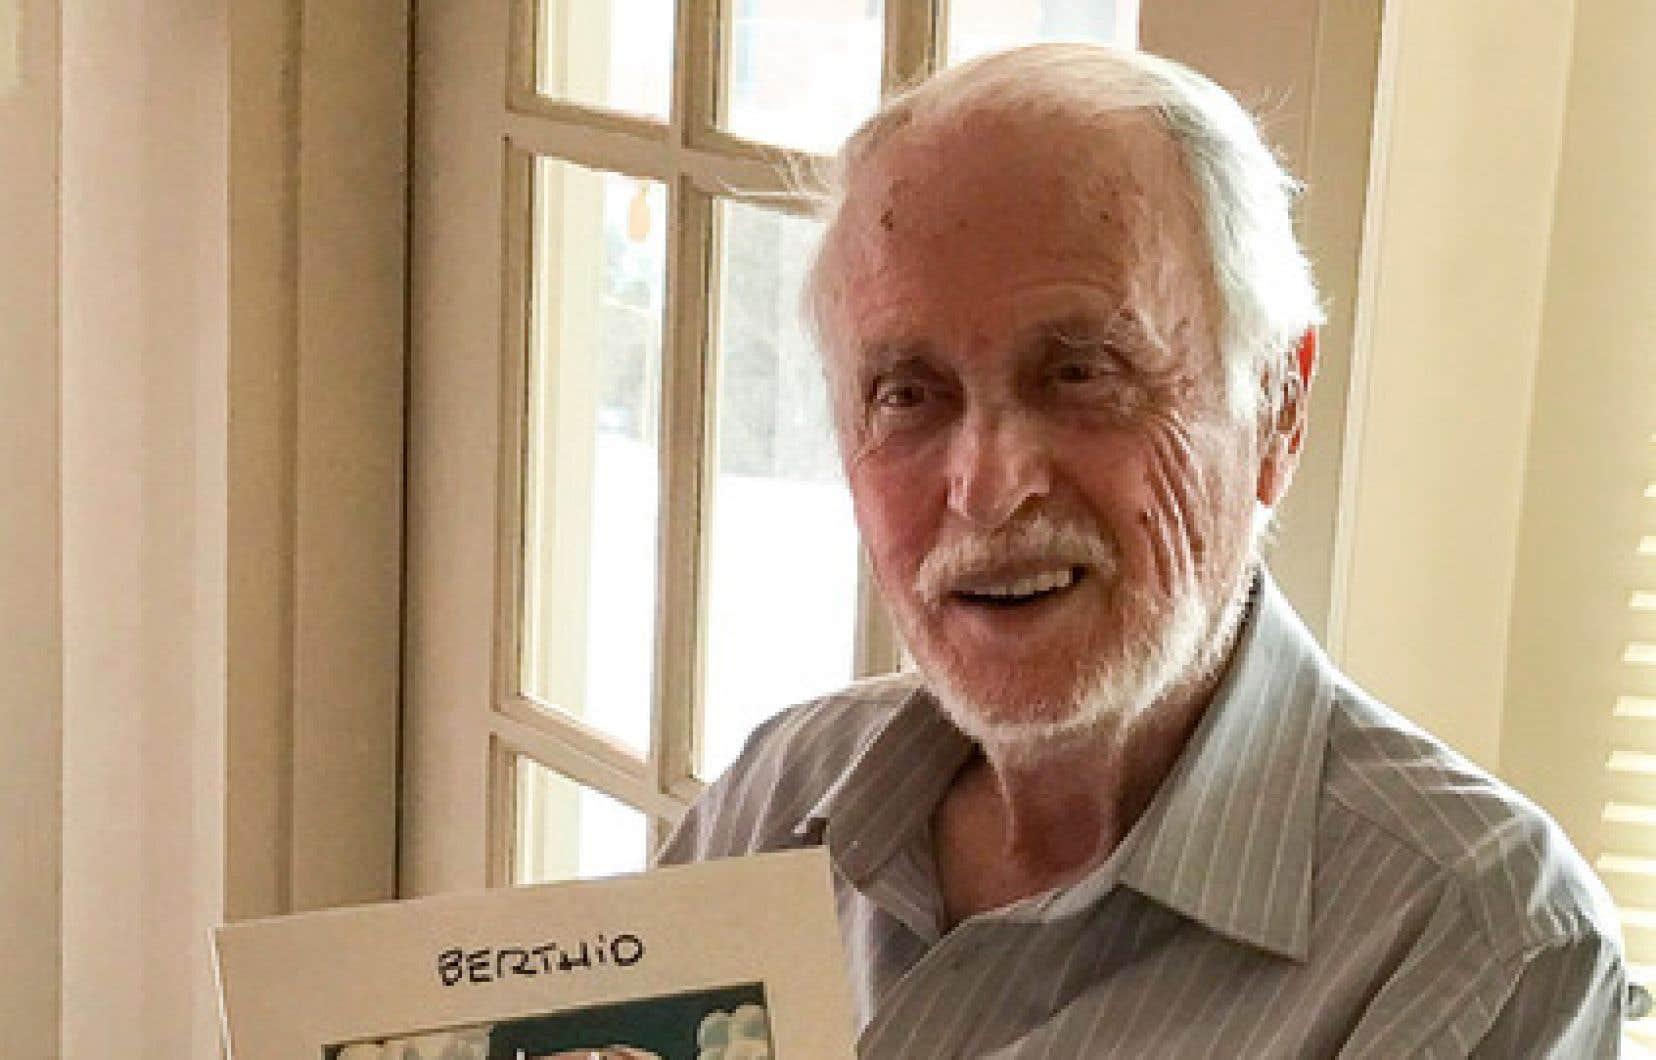 Le caricaturiste québécois Roland Berthiaume, alias Berthio